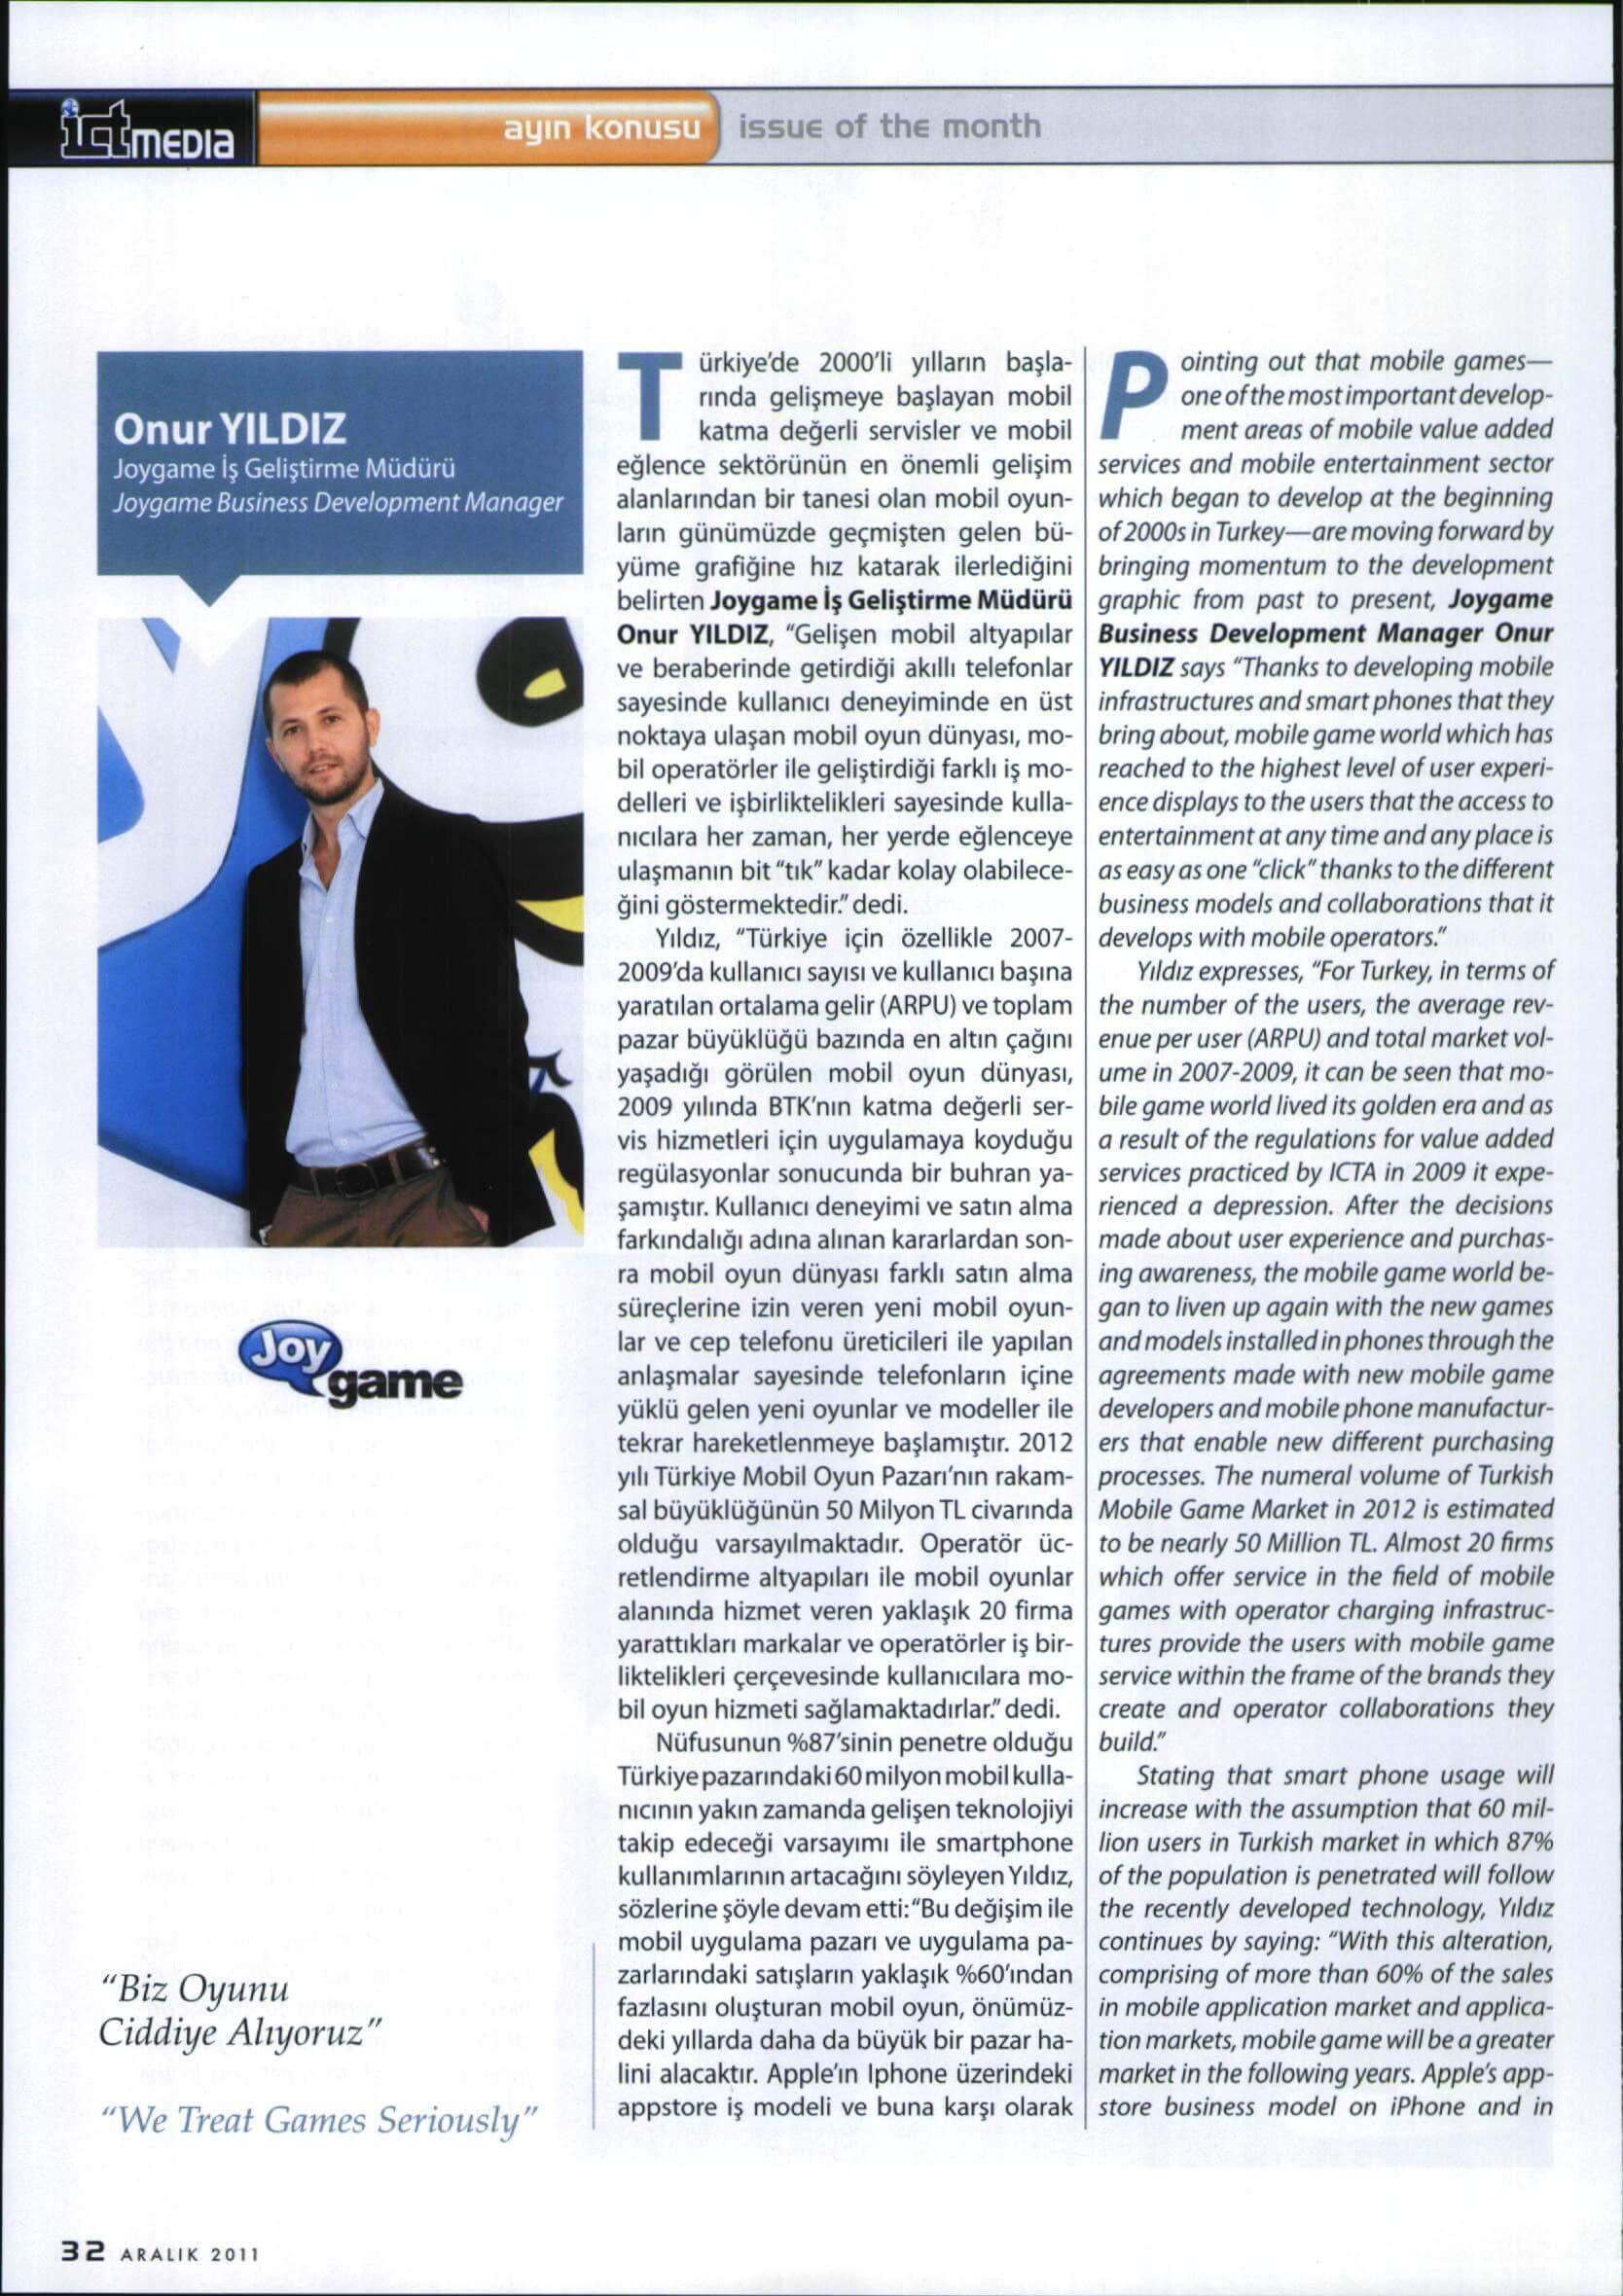 joygame basin yansimalari ict media dergisi